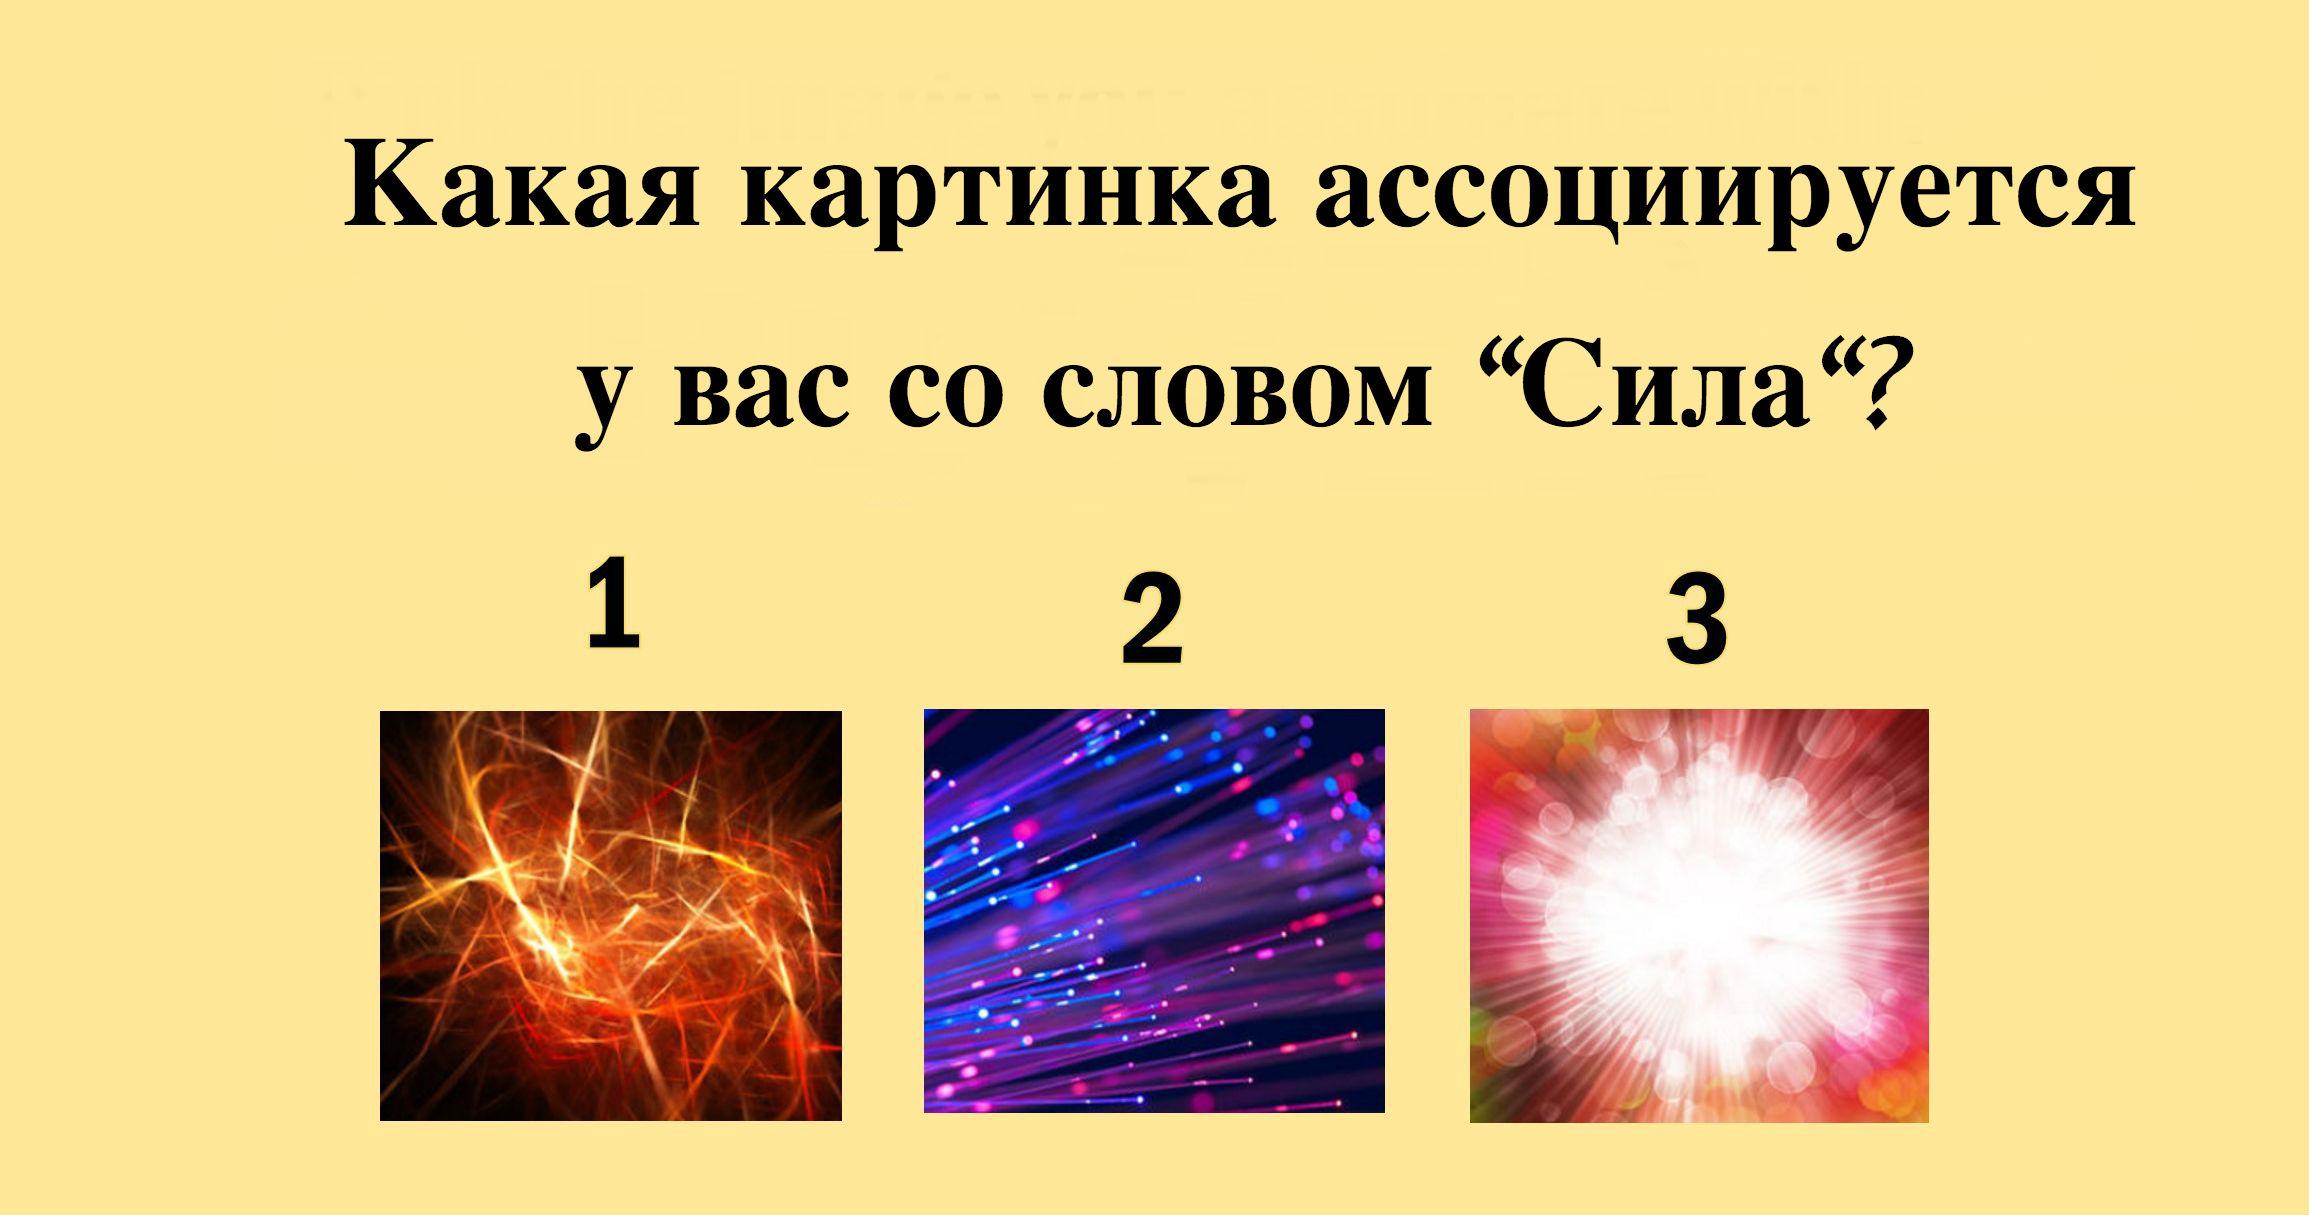 Доверьтесь интуиции, выберите 10 картинок   и мы узнаем ваше истинное Я!